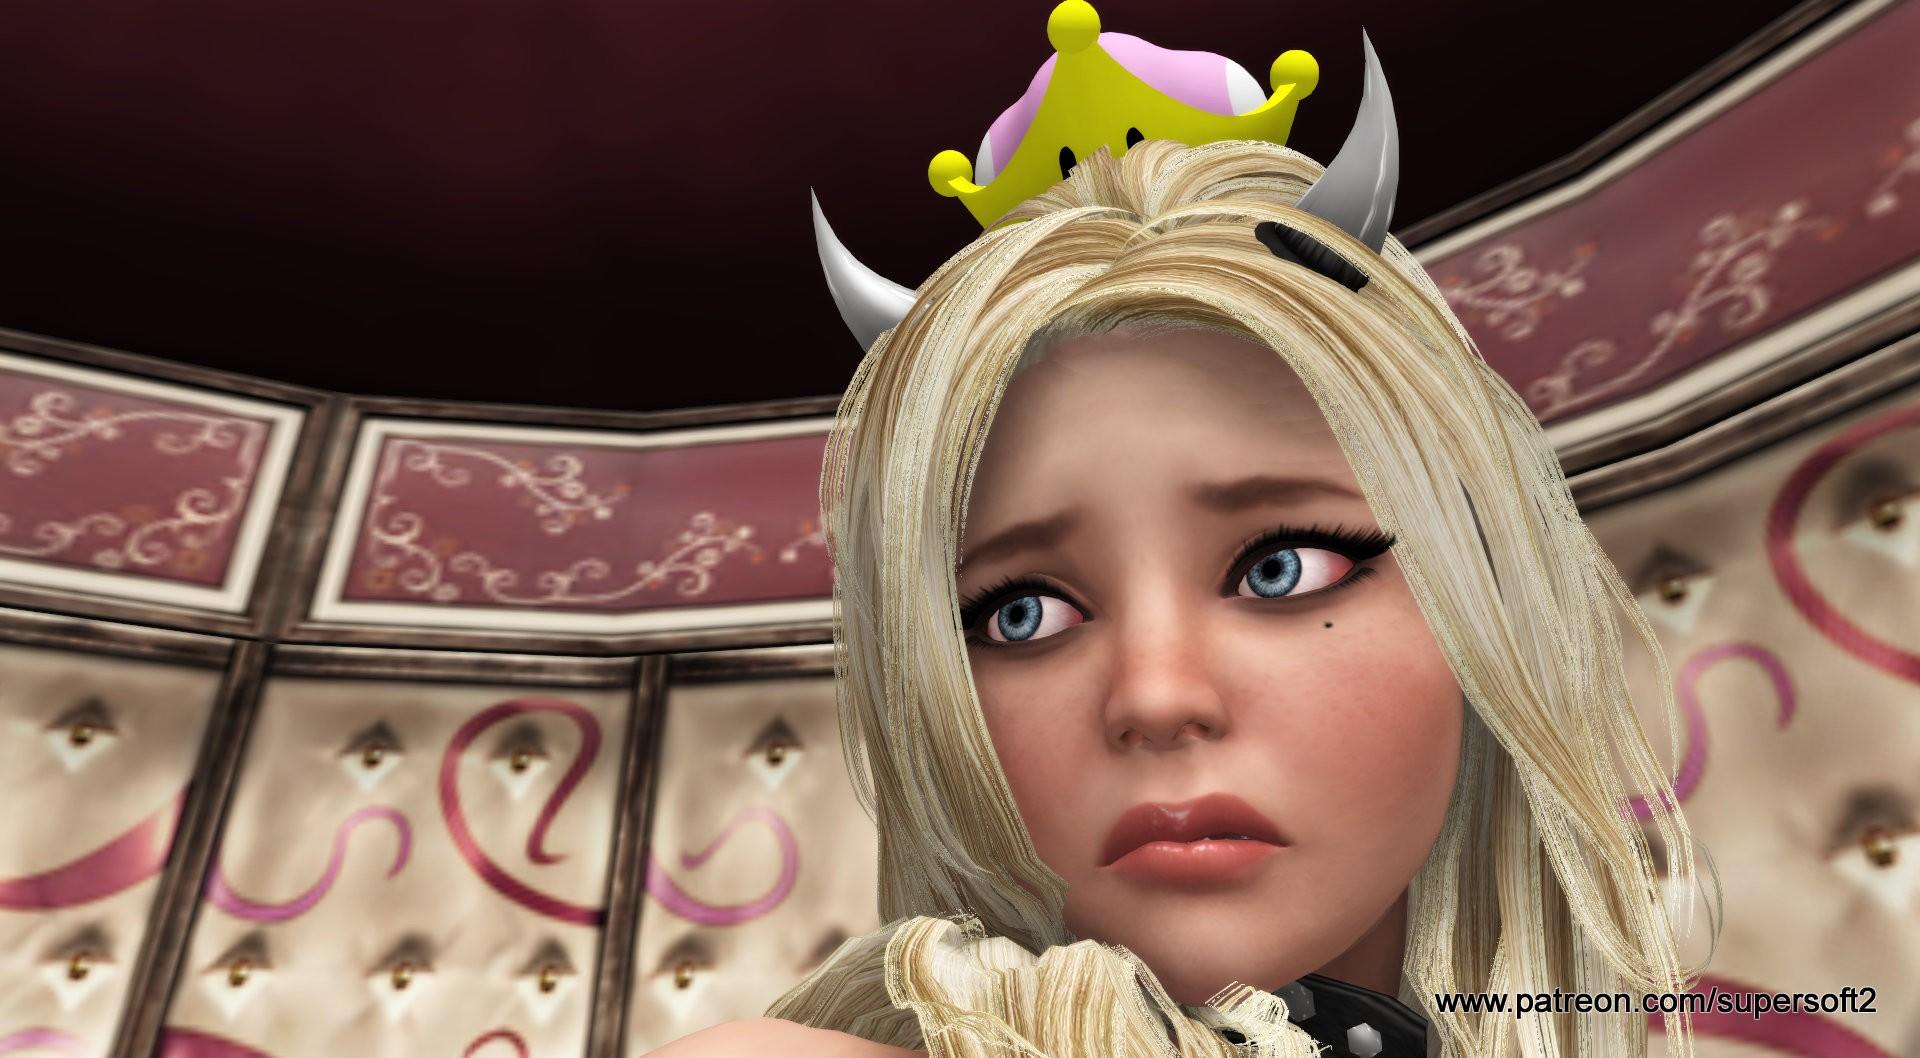 The Princess 27